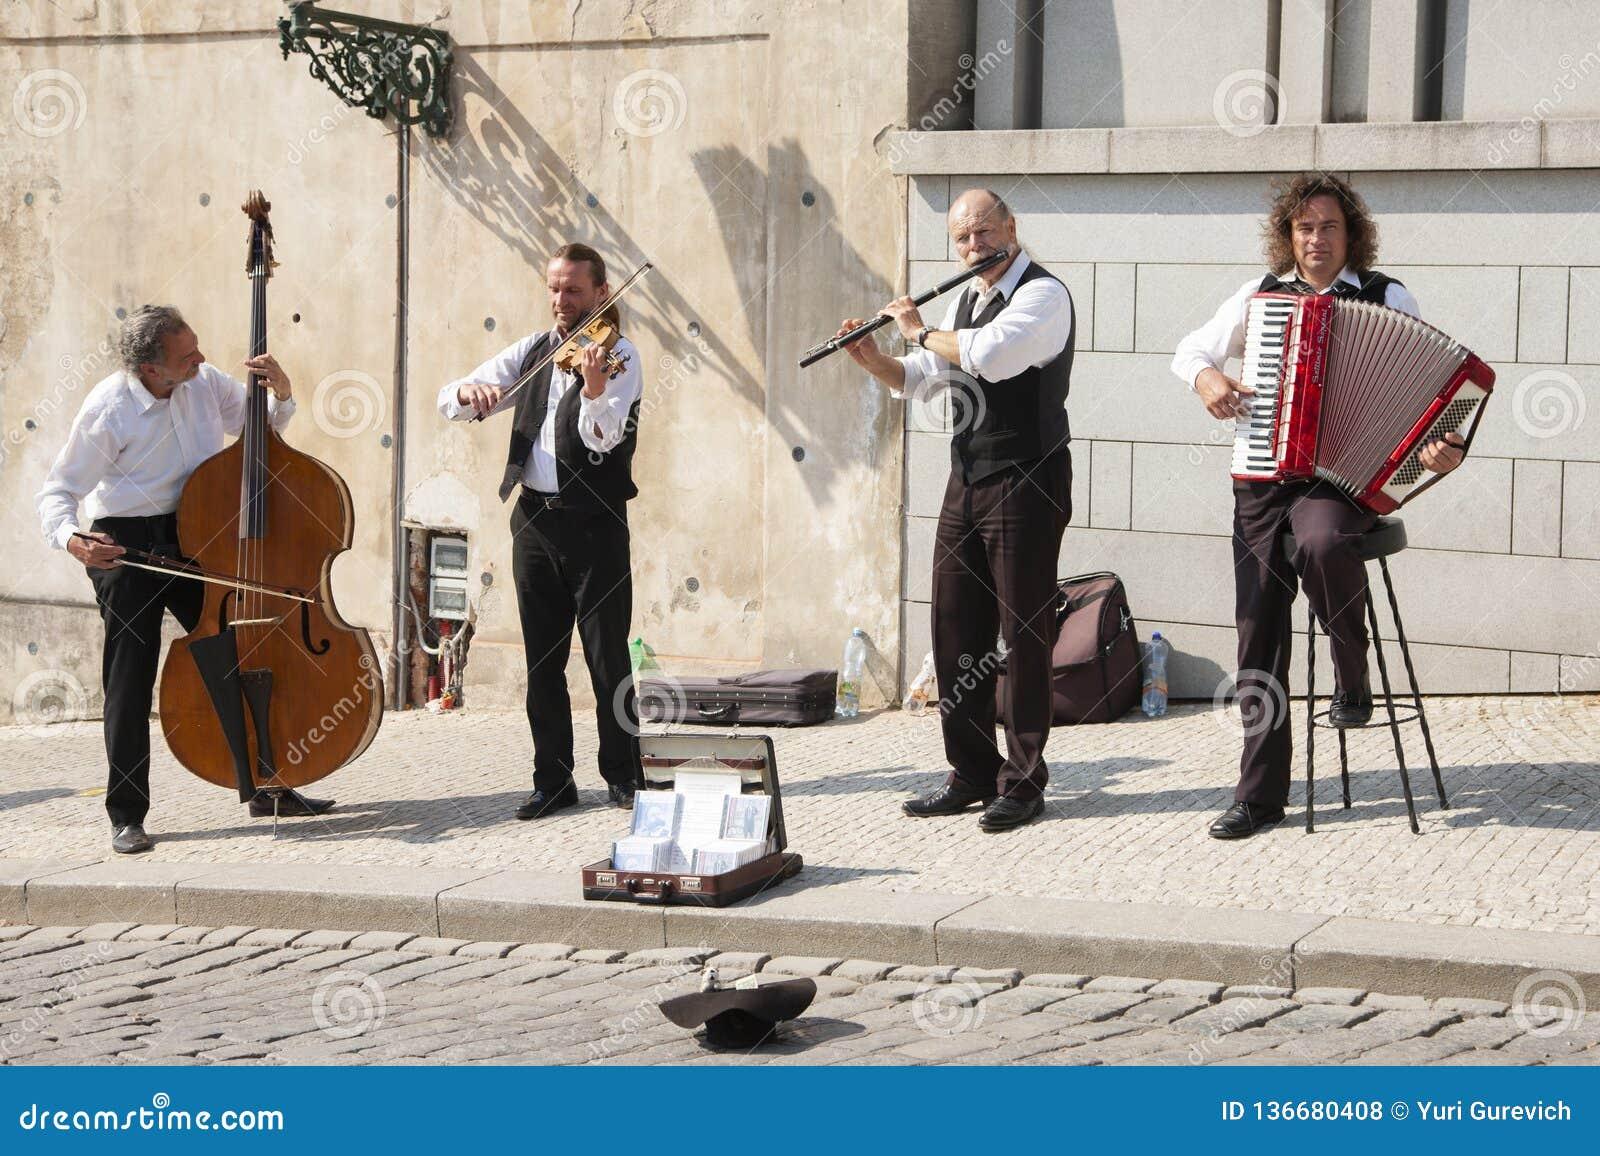 Prague Tjeckien - April 19, 2011: Kvartett av musiker som spelar musikinstrument för turister på gatan i Prague